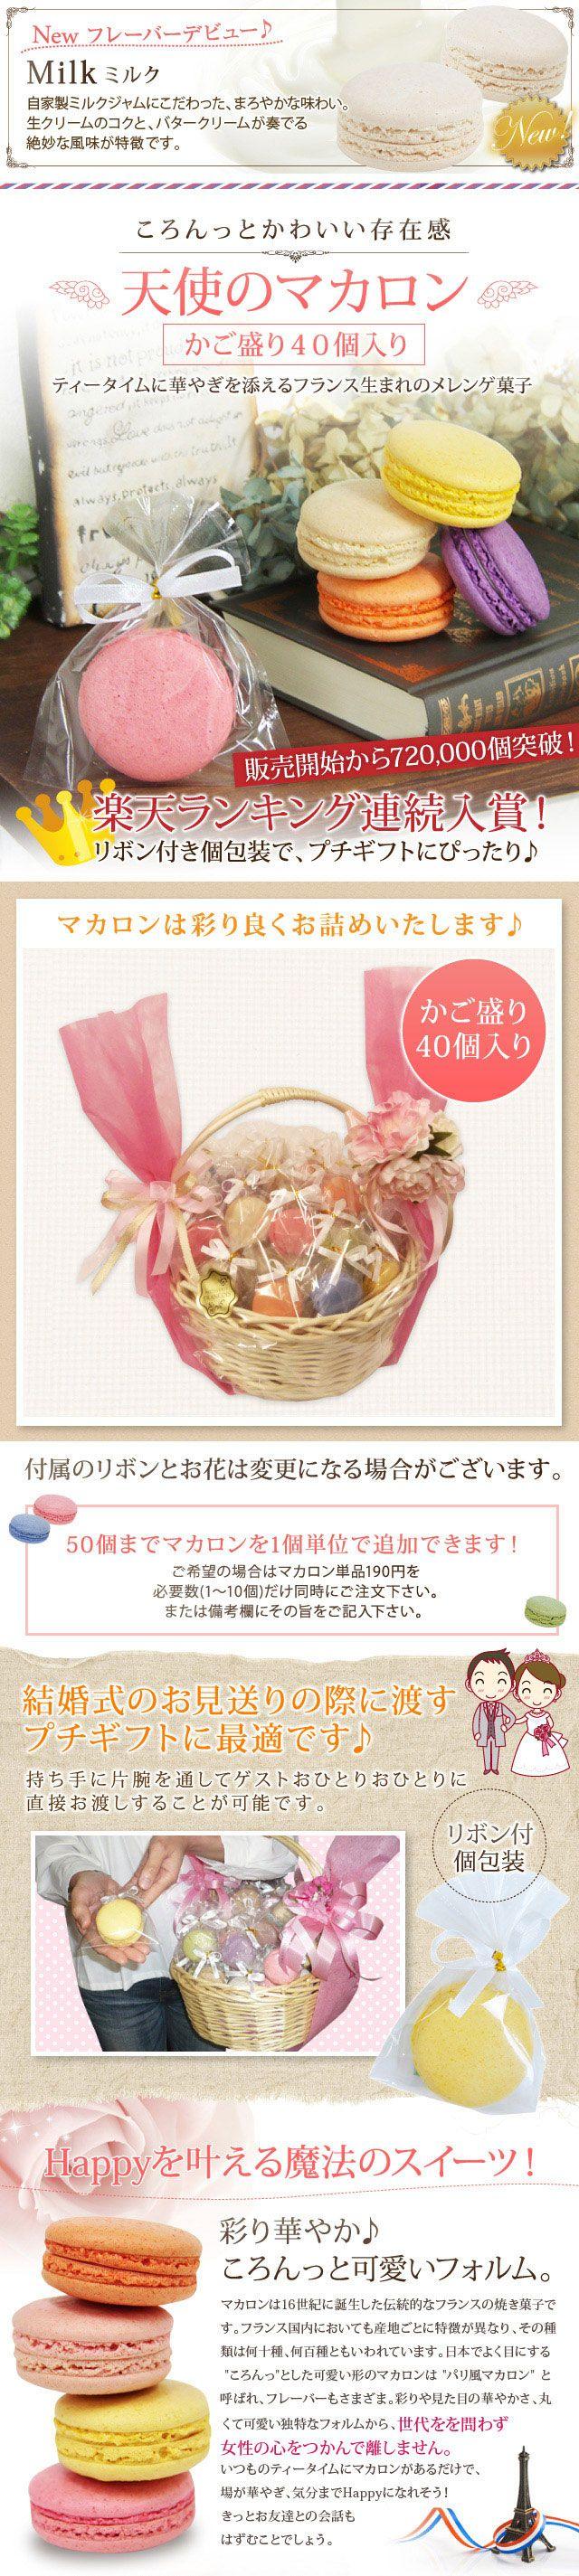 【楽天市場】マカロン かご盛り 40個入 プチギフト 結婚式:ケーキのフランソワ 和菓子の一閑